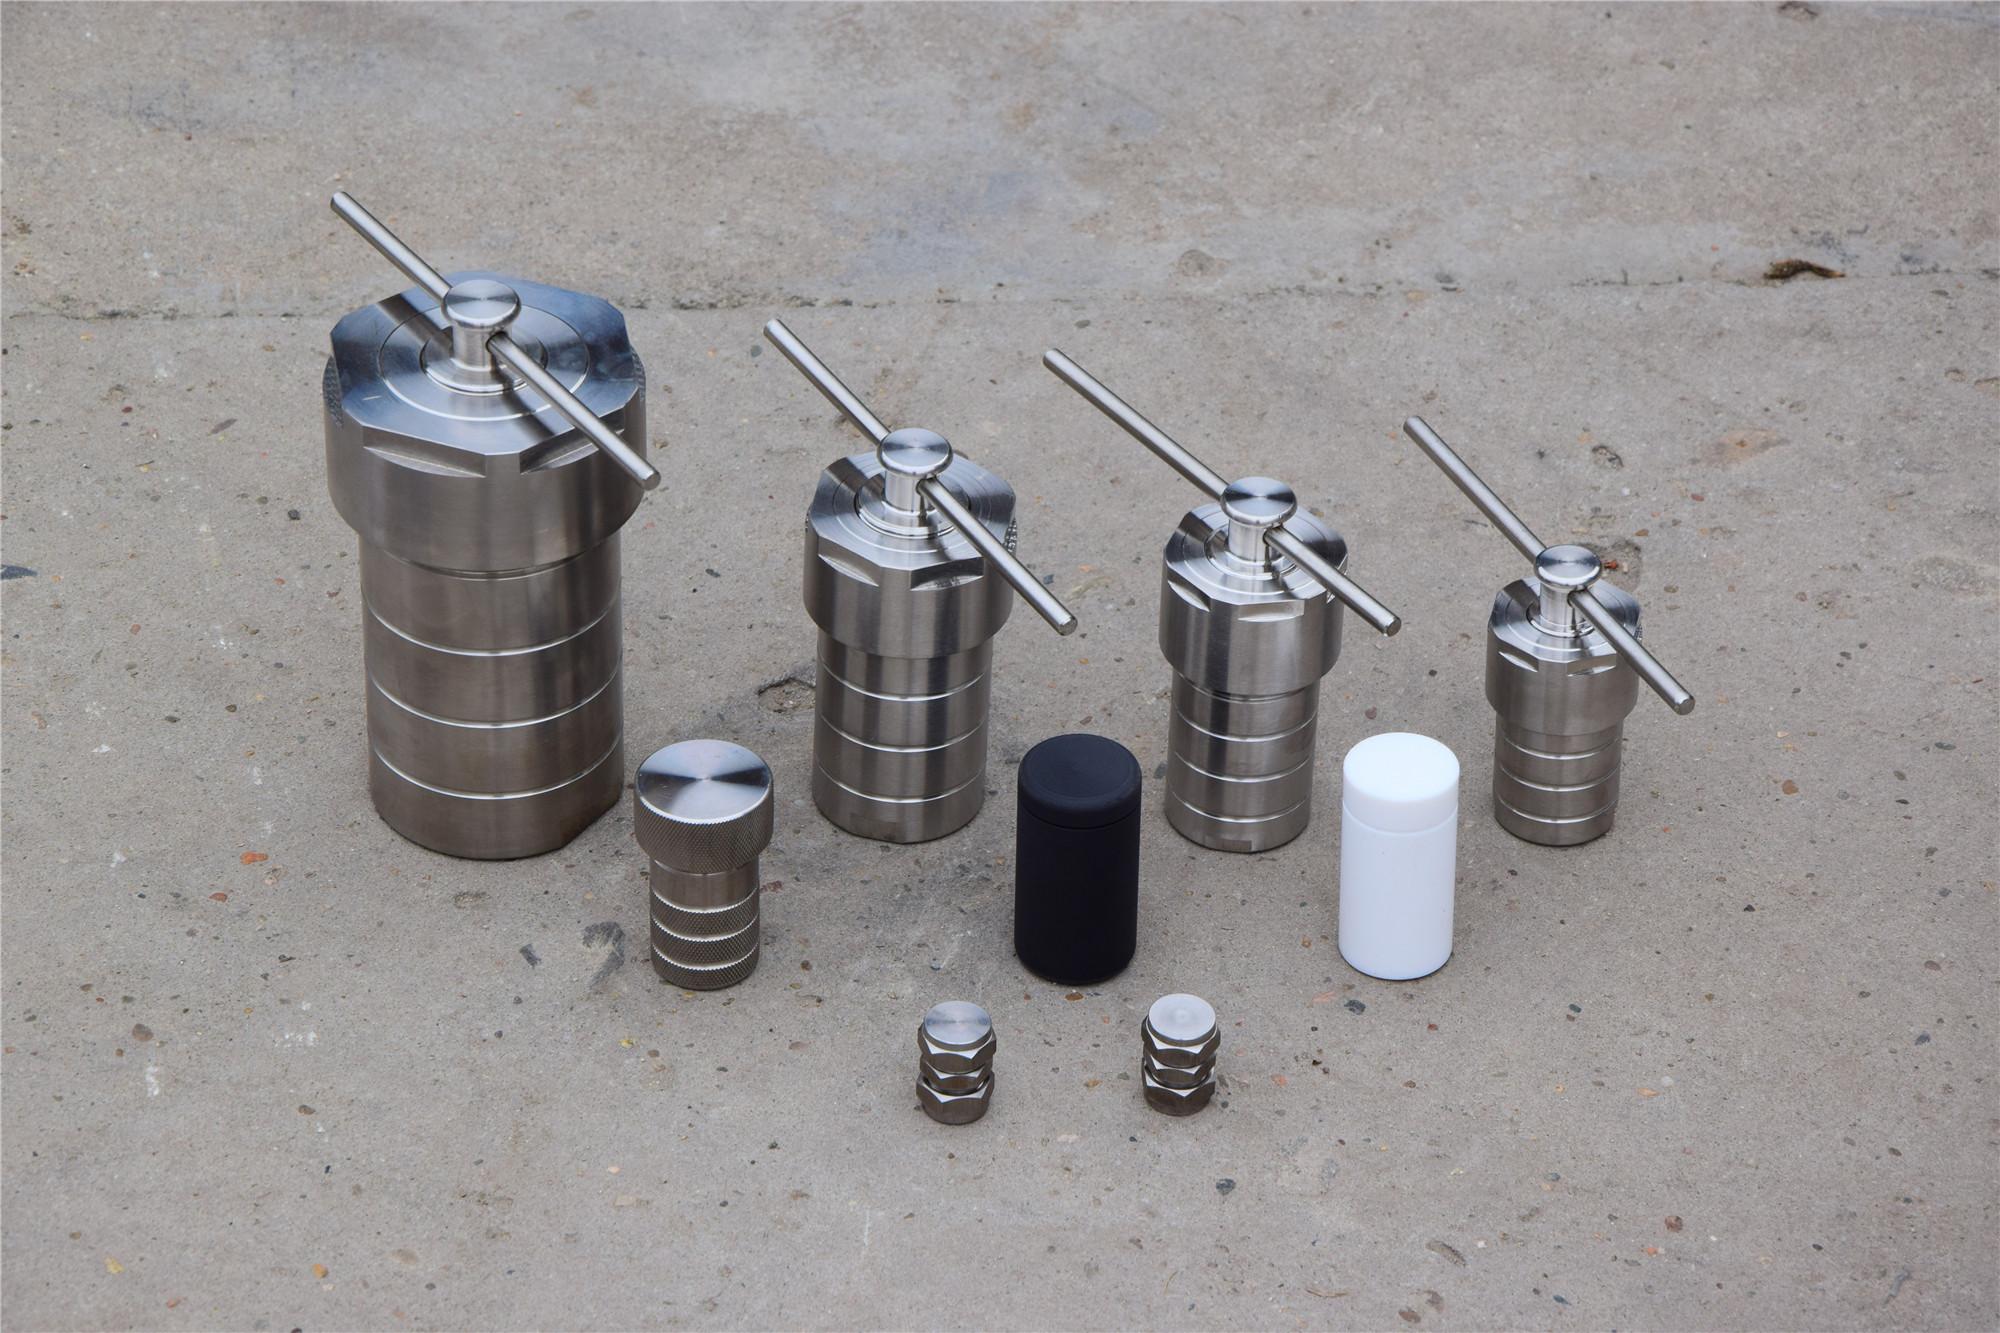 高压消解罐(水热合成釜)厂家直销 25ml /50ml、100ml/200ml